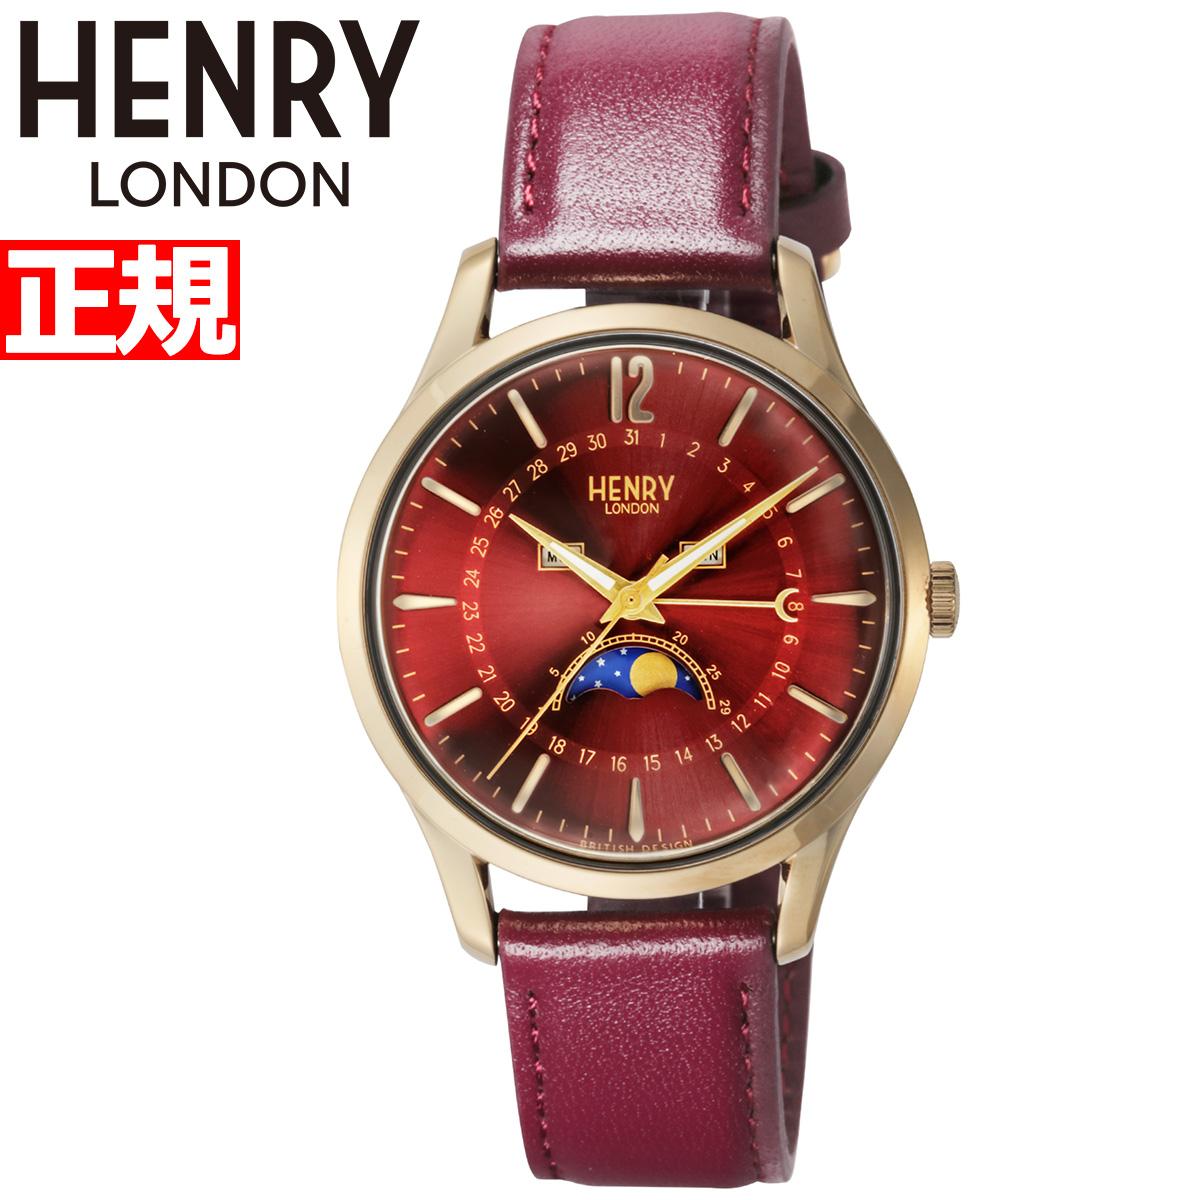 【5日0時~♪10%OFFクーポン&店内ポイント最大51倍!5日23時59分まで】ヘンリーロンドン HENRY LONDON 腕時計 メンズ ホルボーン HOLBORN HL39-LS-0426